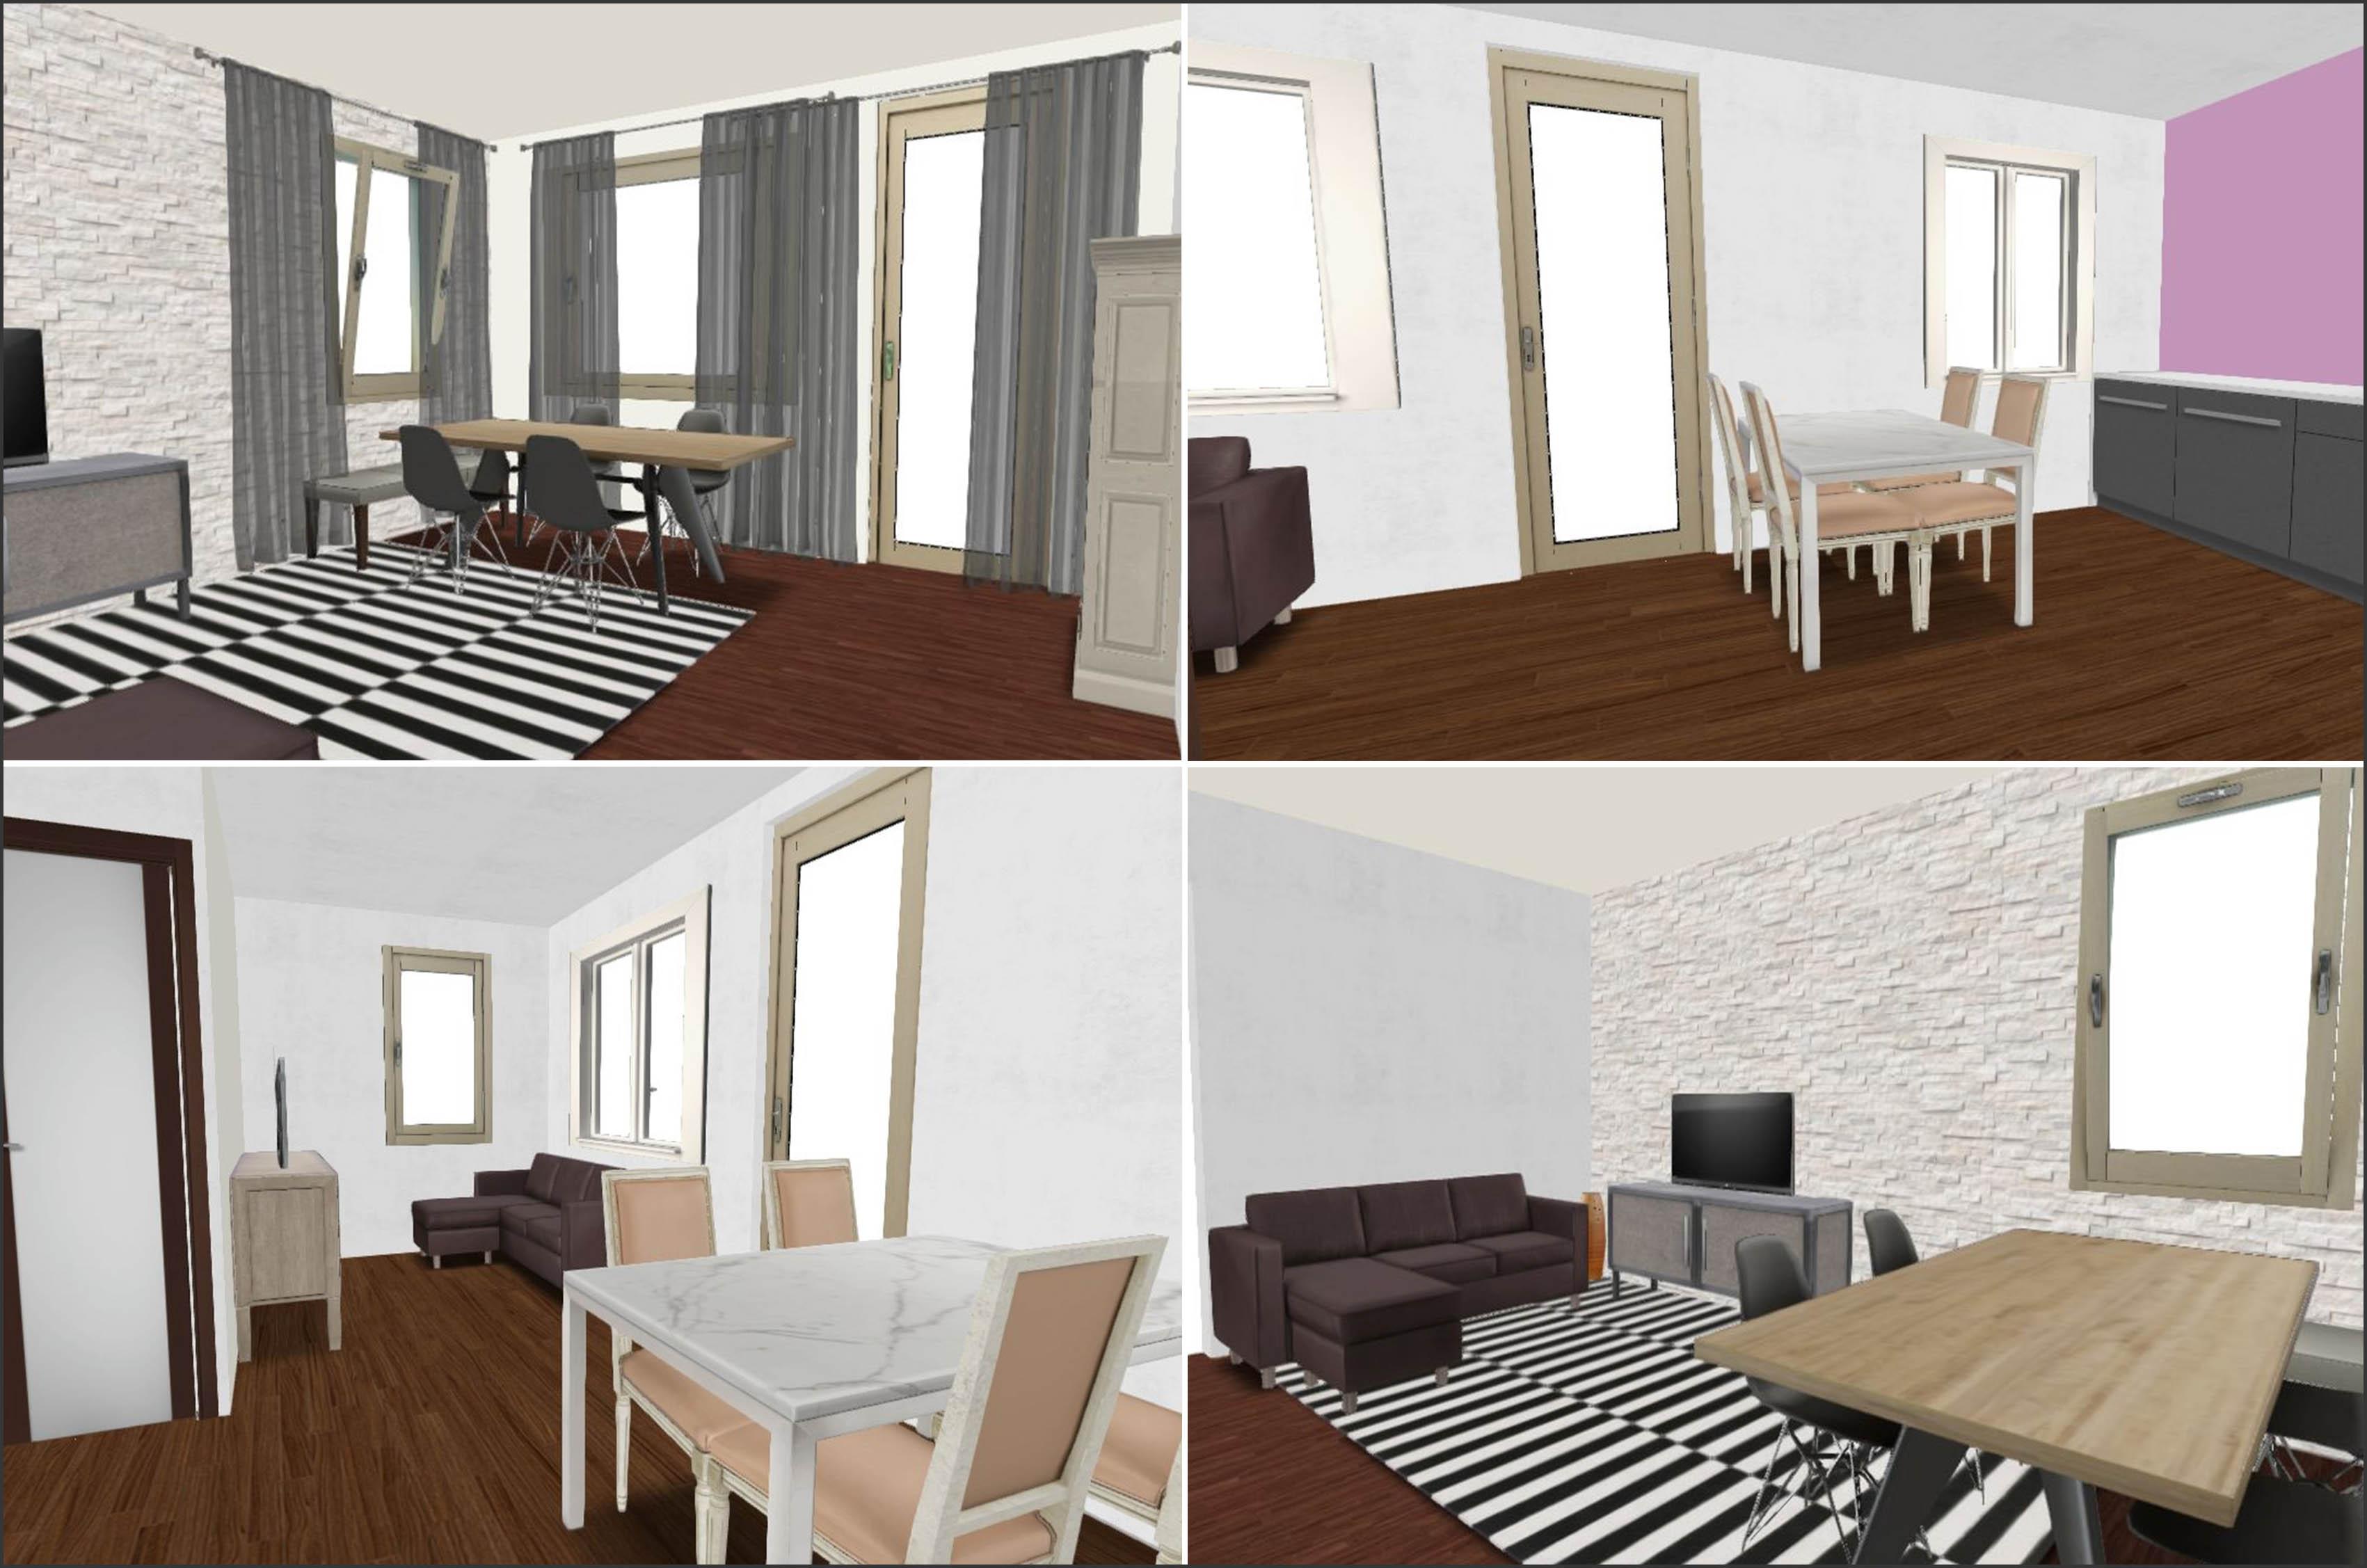 salon z sypialnią